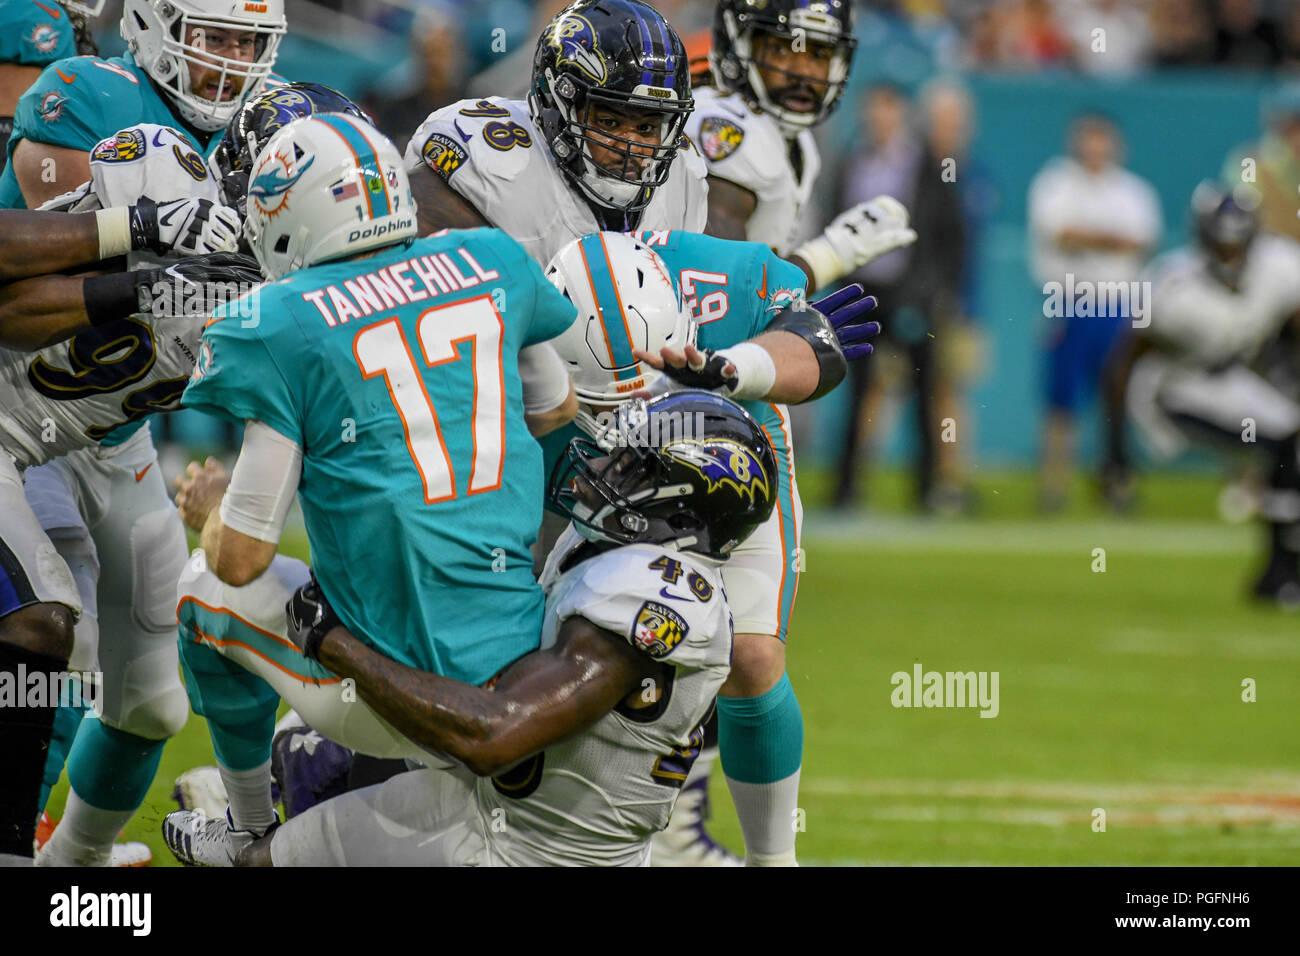 Tannehill Miami Dolphins Stock Photos & Tannehill Miami Dolphins ...